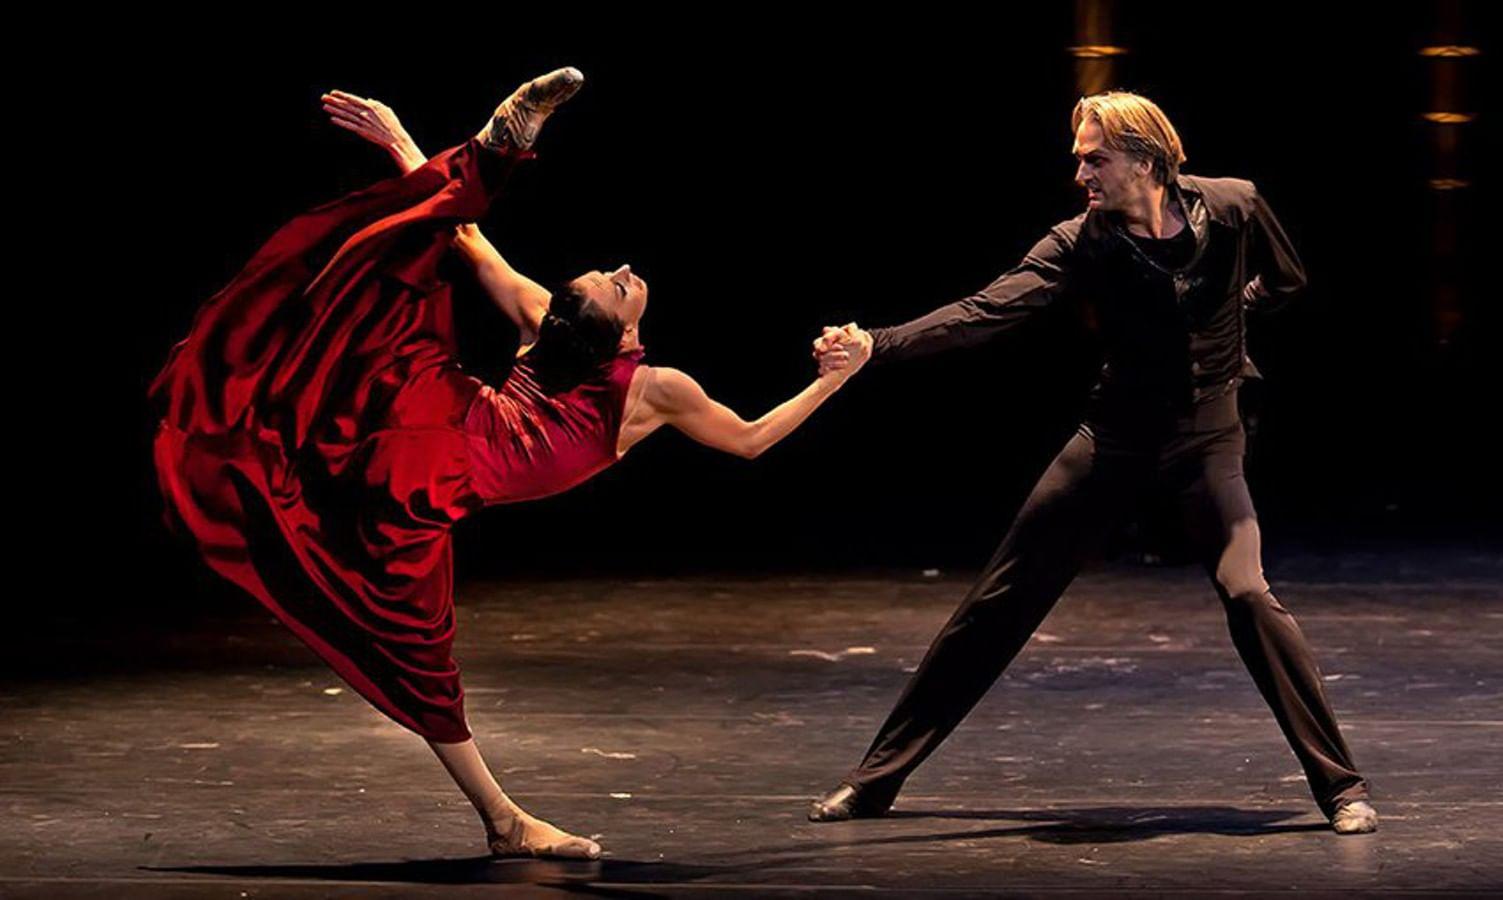 Театр балета Эйфмана 3